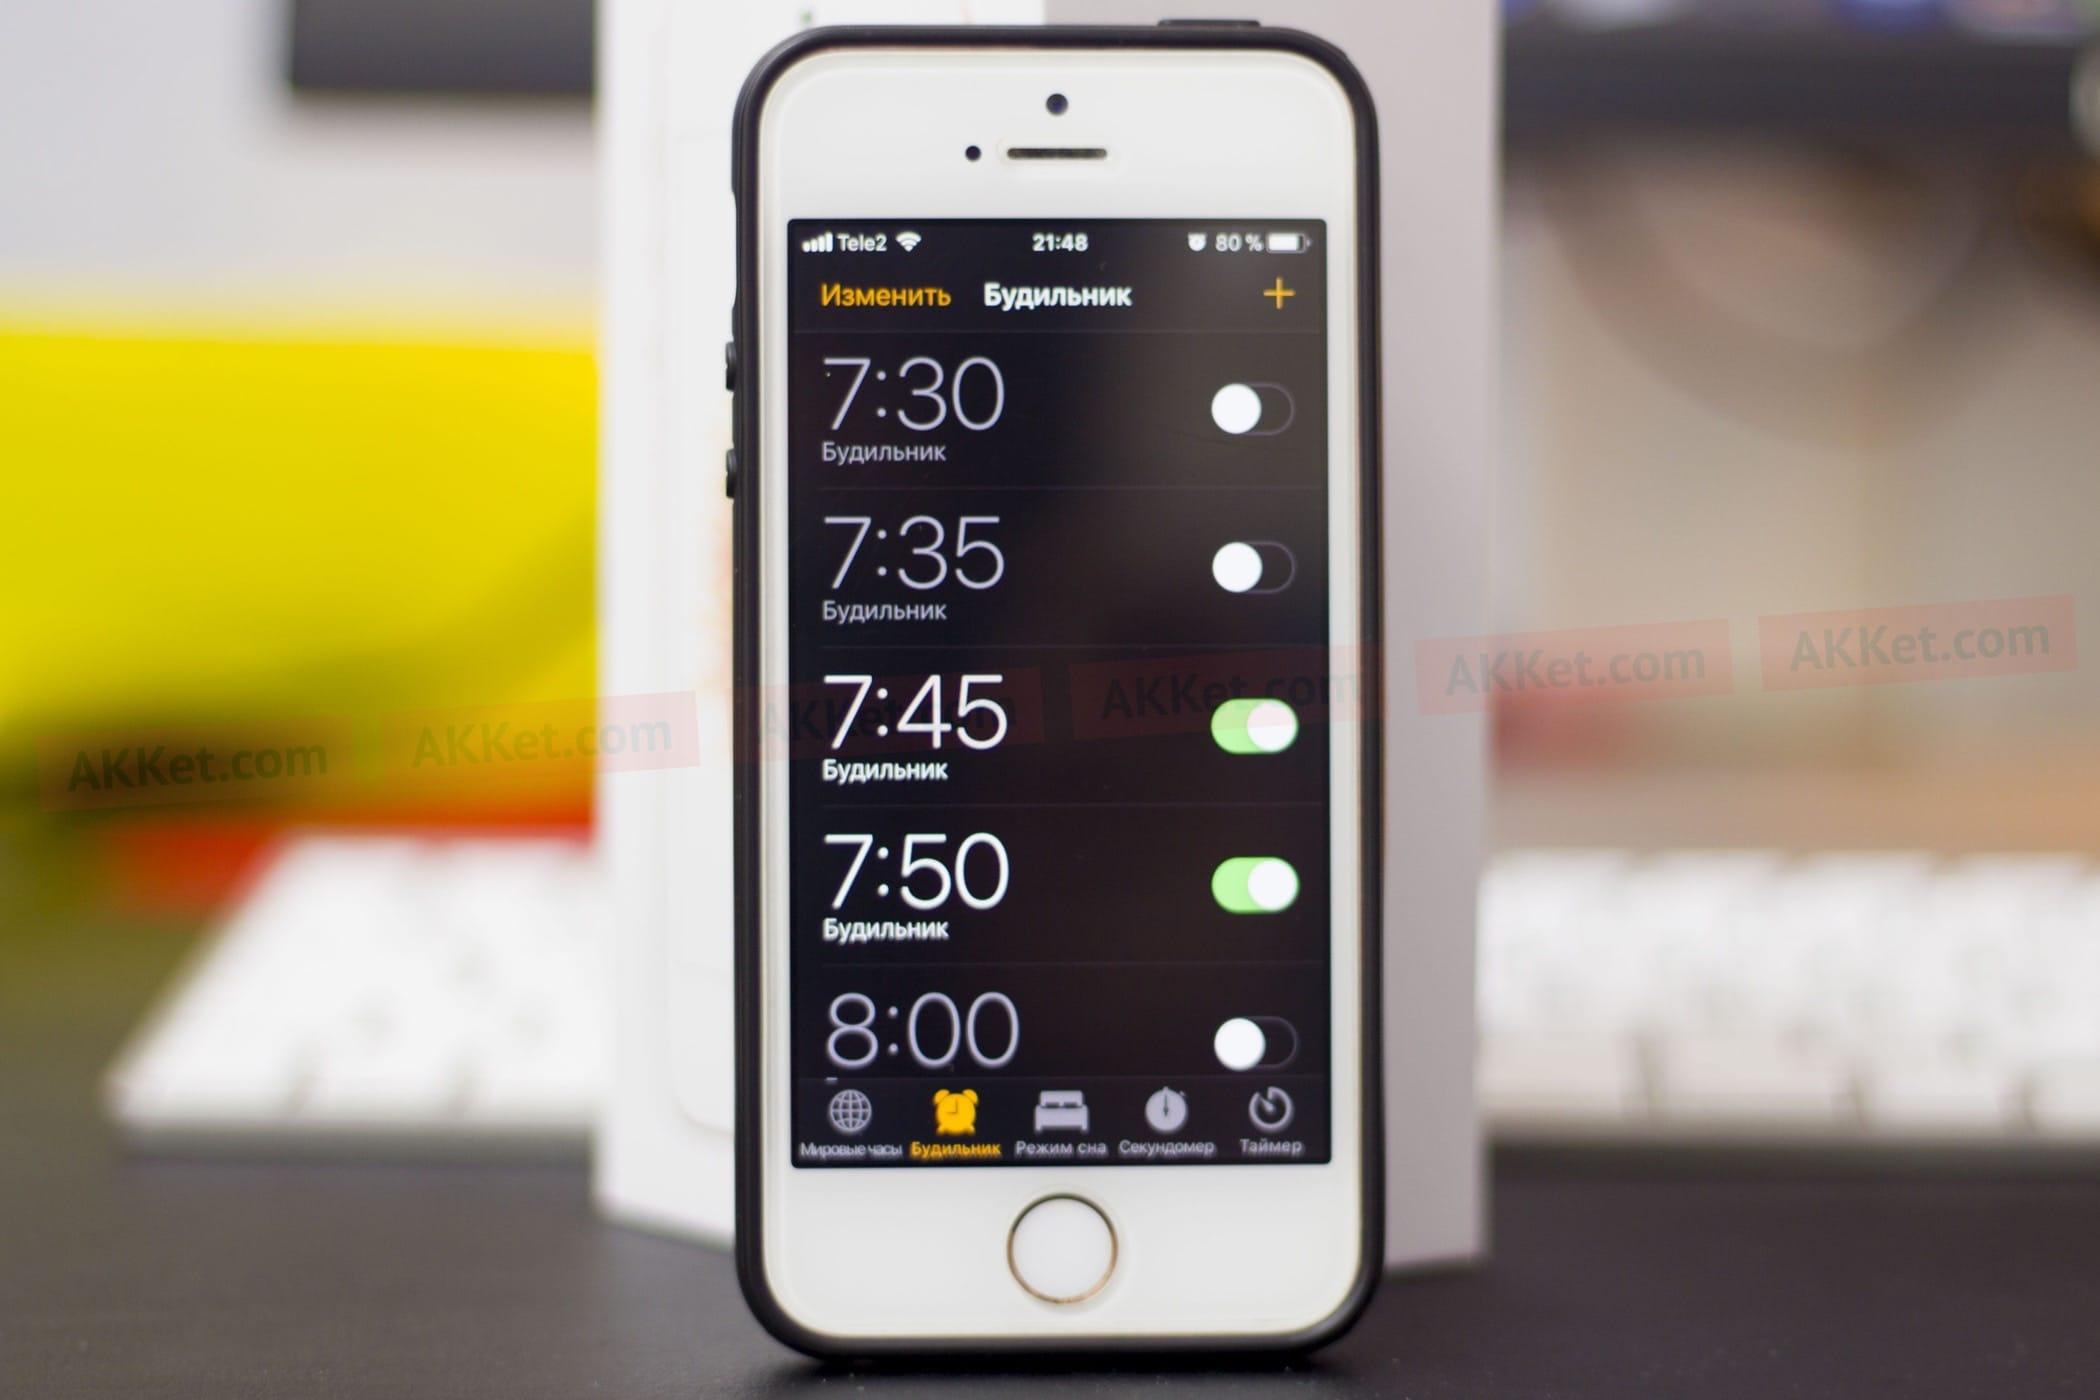 f37a43133279 ... проснуться по первому, проверить определенную информацию и если ее нет,  то продолжить спать дальше – до второго будильника. В итоге, в iPhone SE на  iOS ...